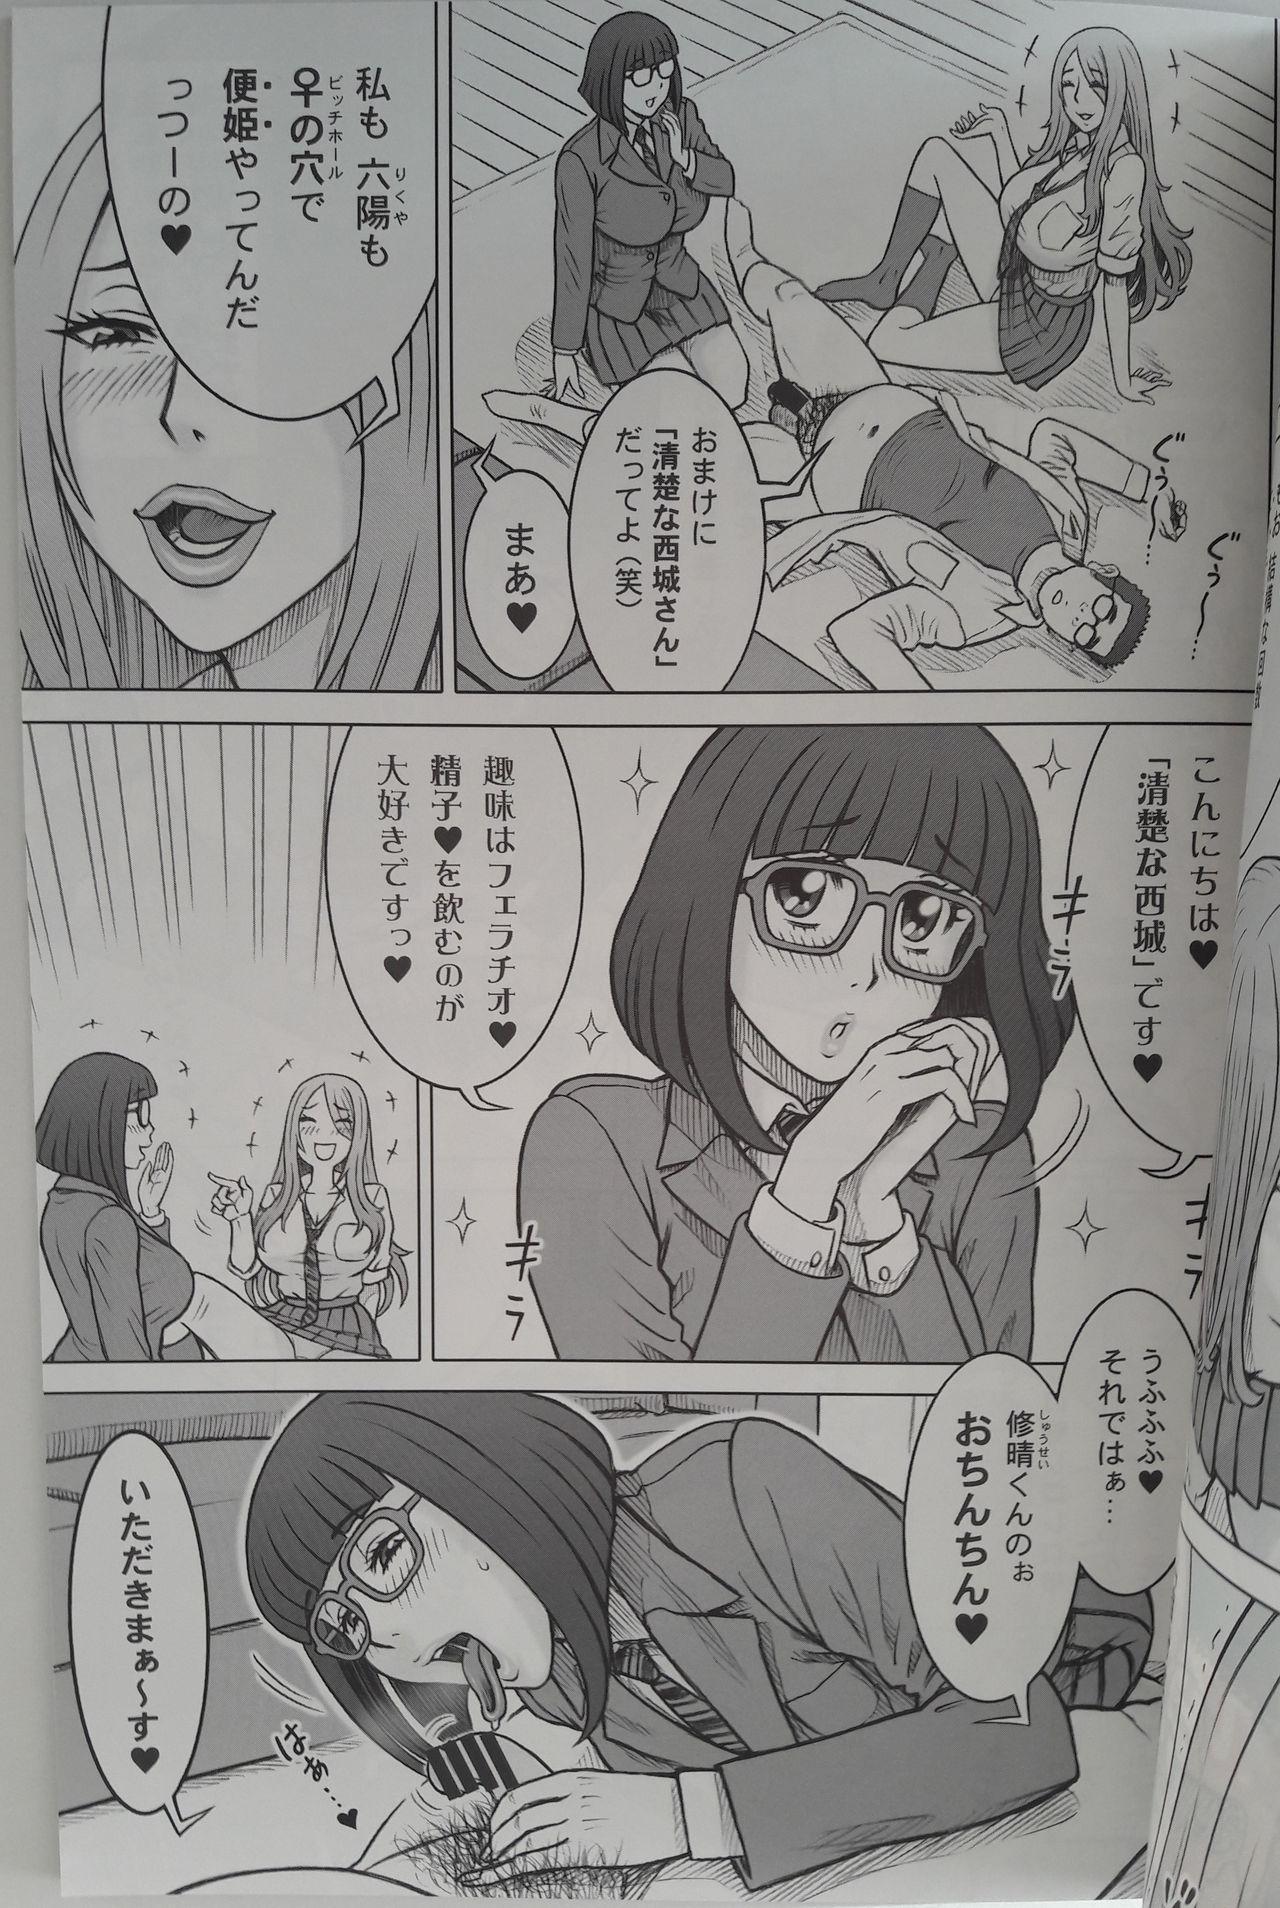 38 Kaiten Yume de Higashi ni, Utsutsu de Nishi ni. 2